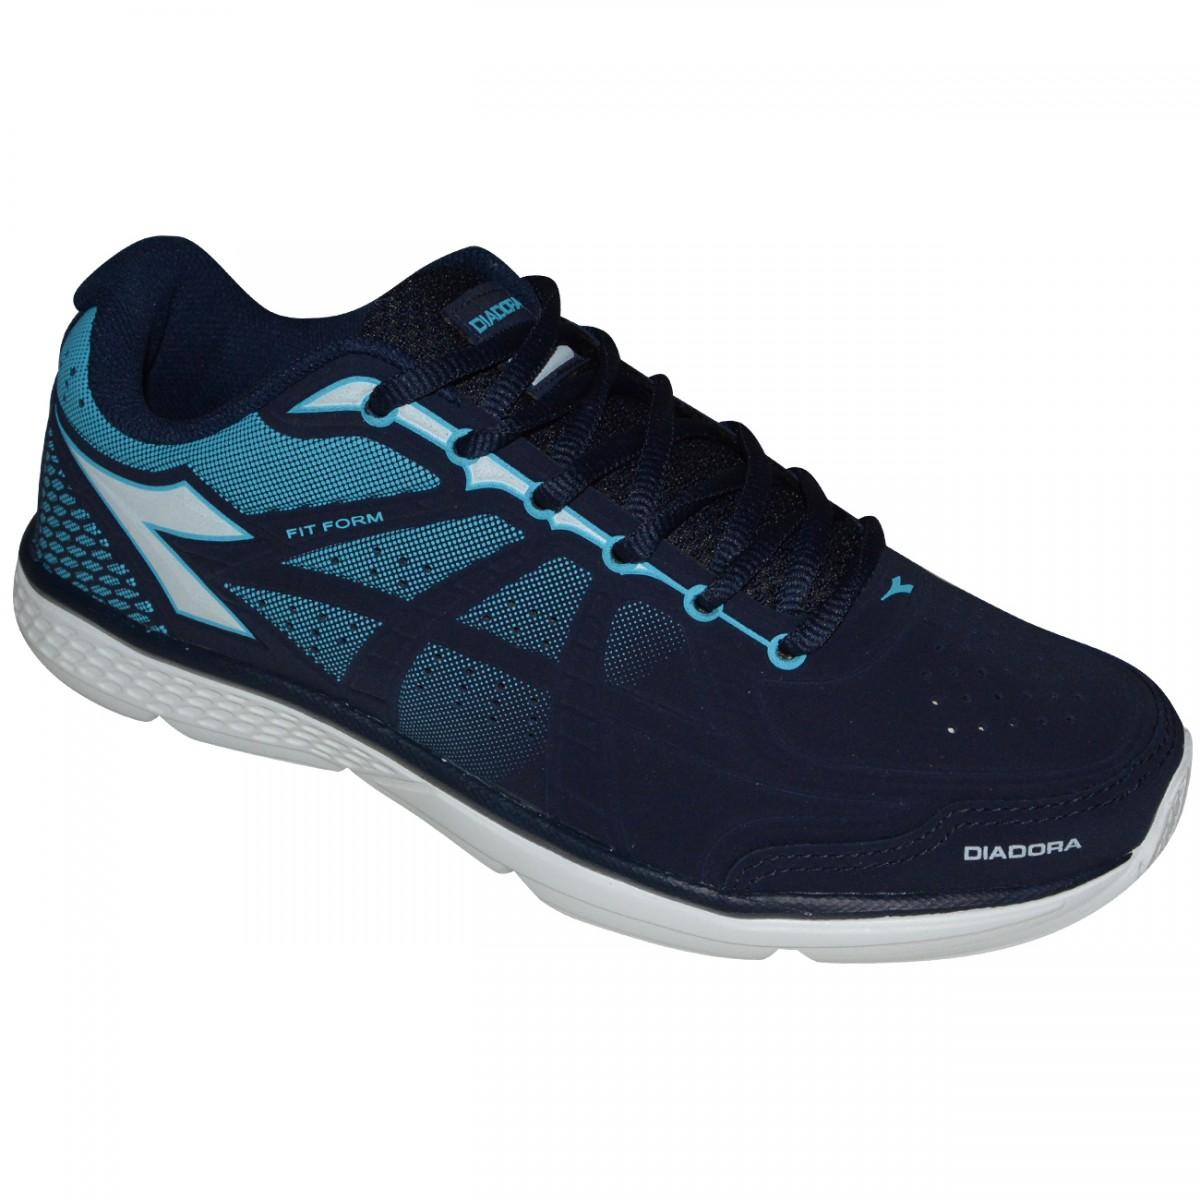 2fa3e38b18 Tenis Diadora Fit Form SL 125605 C7865 - Marinho Azul Branco - Chuteira  Nike